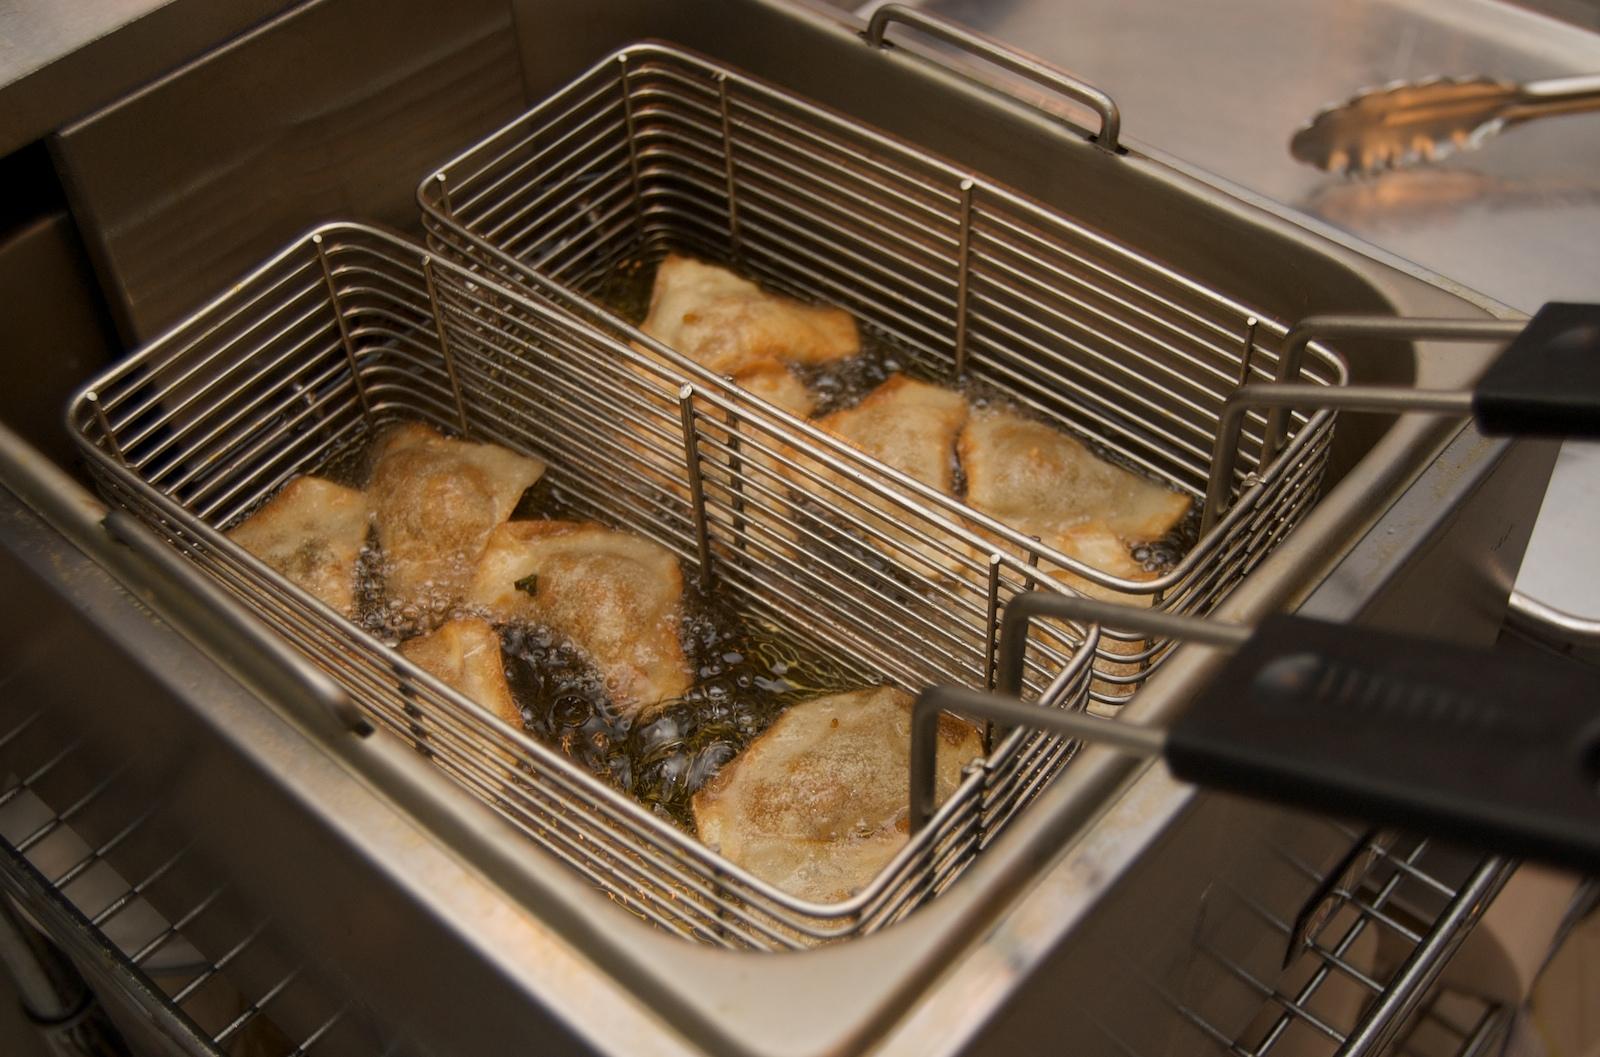 http://blog.rickk.com/food/2010/01/12/DSC_0019.jpg